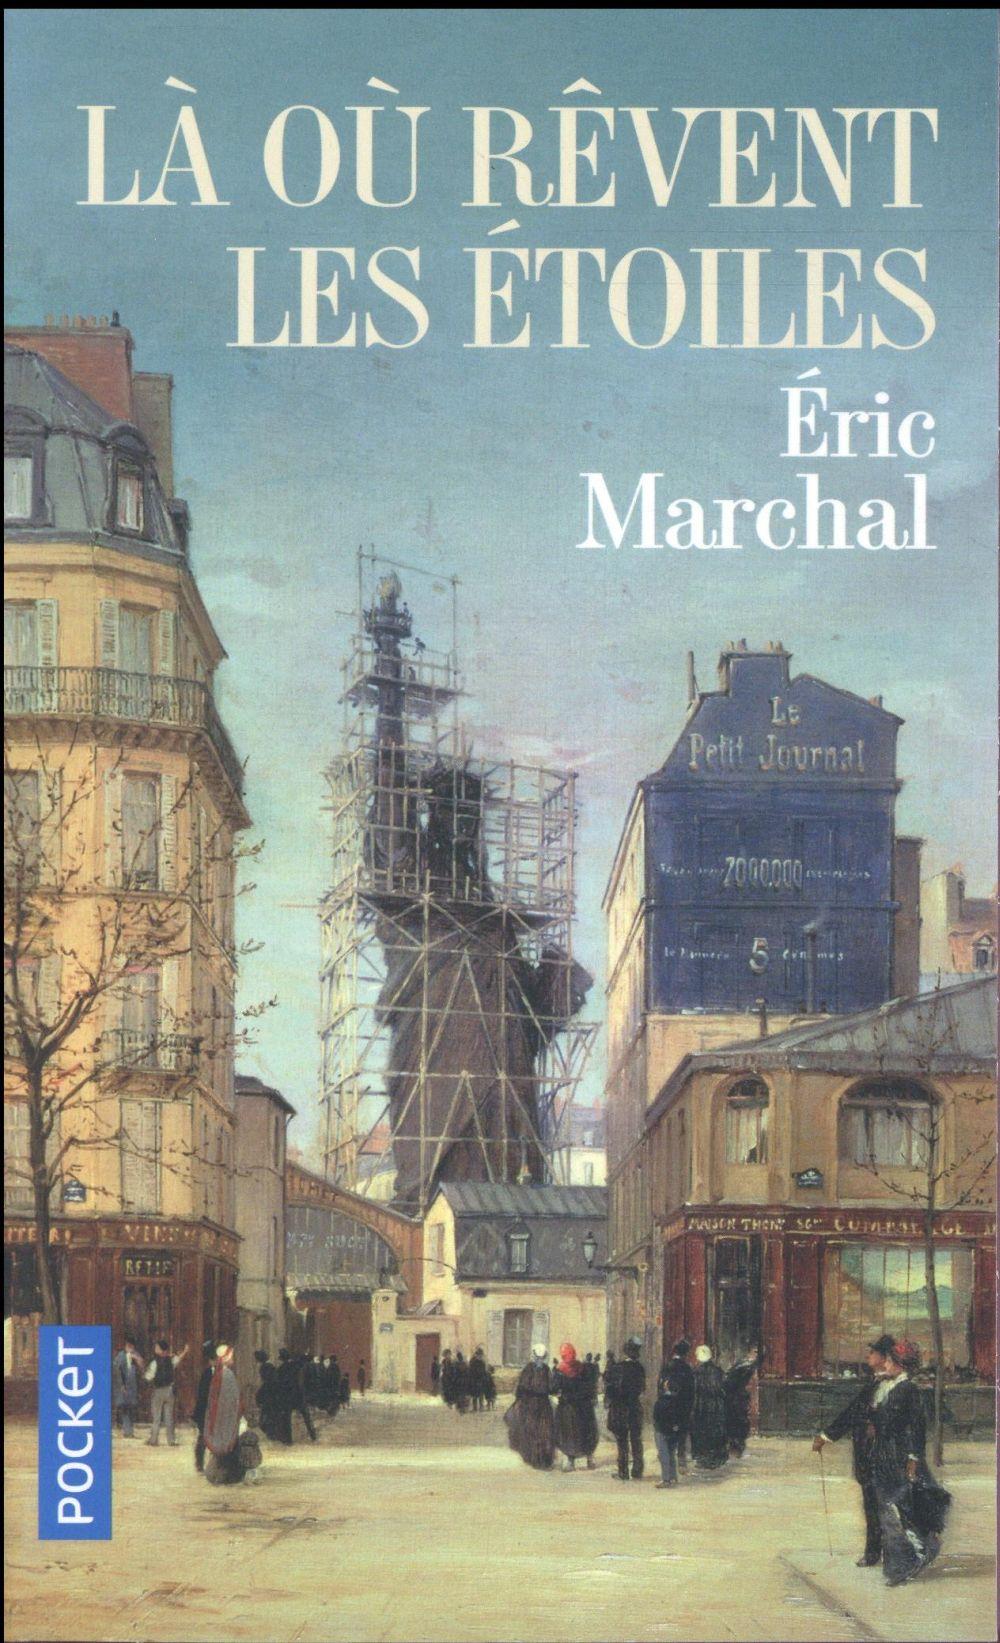 LA OU REVENT LES ETOILES MARCHAL ERIC POCKET